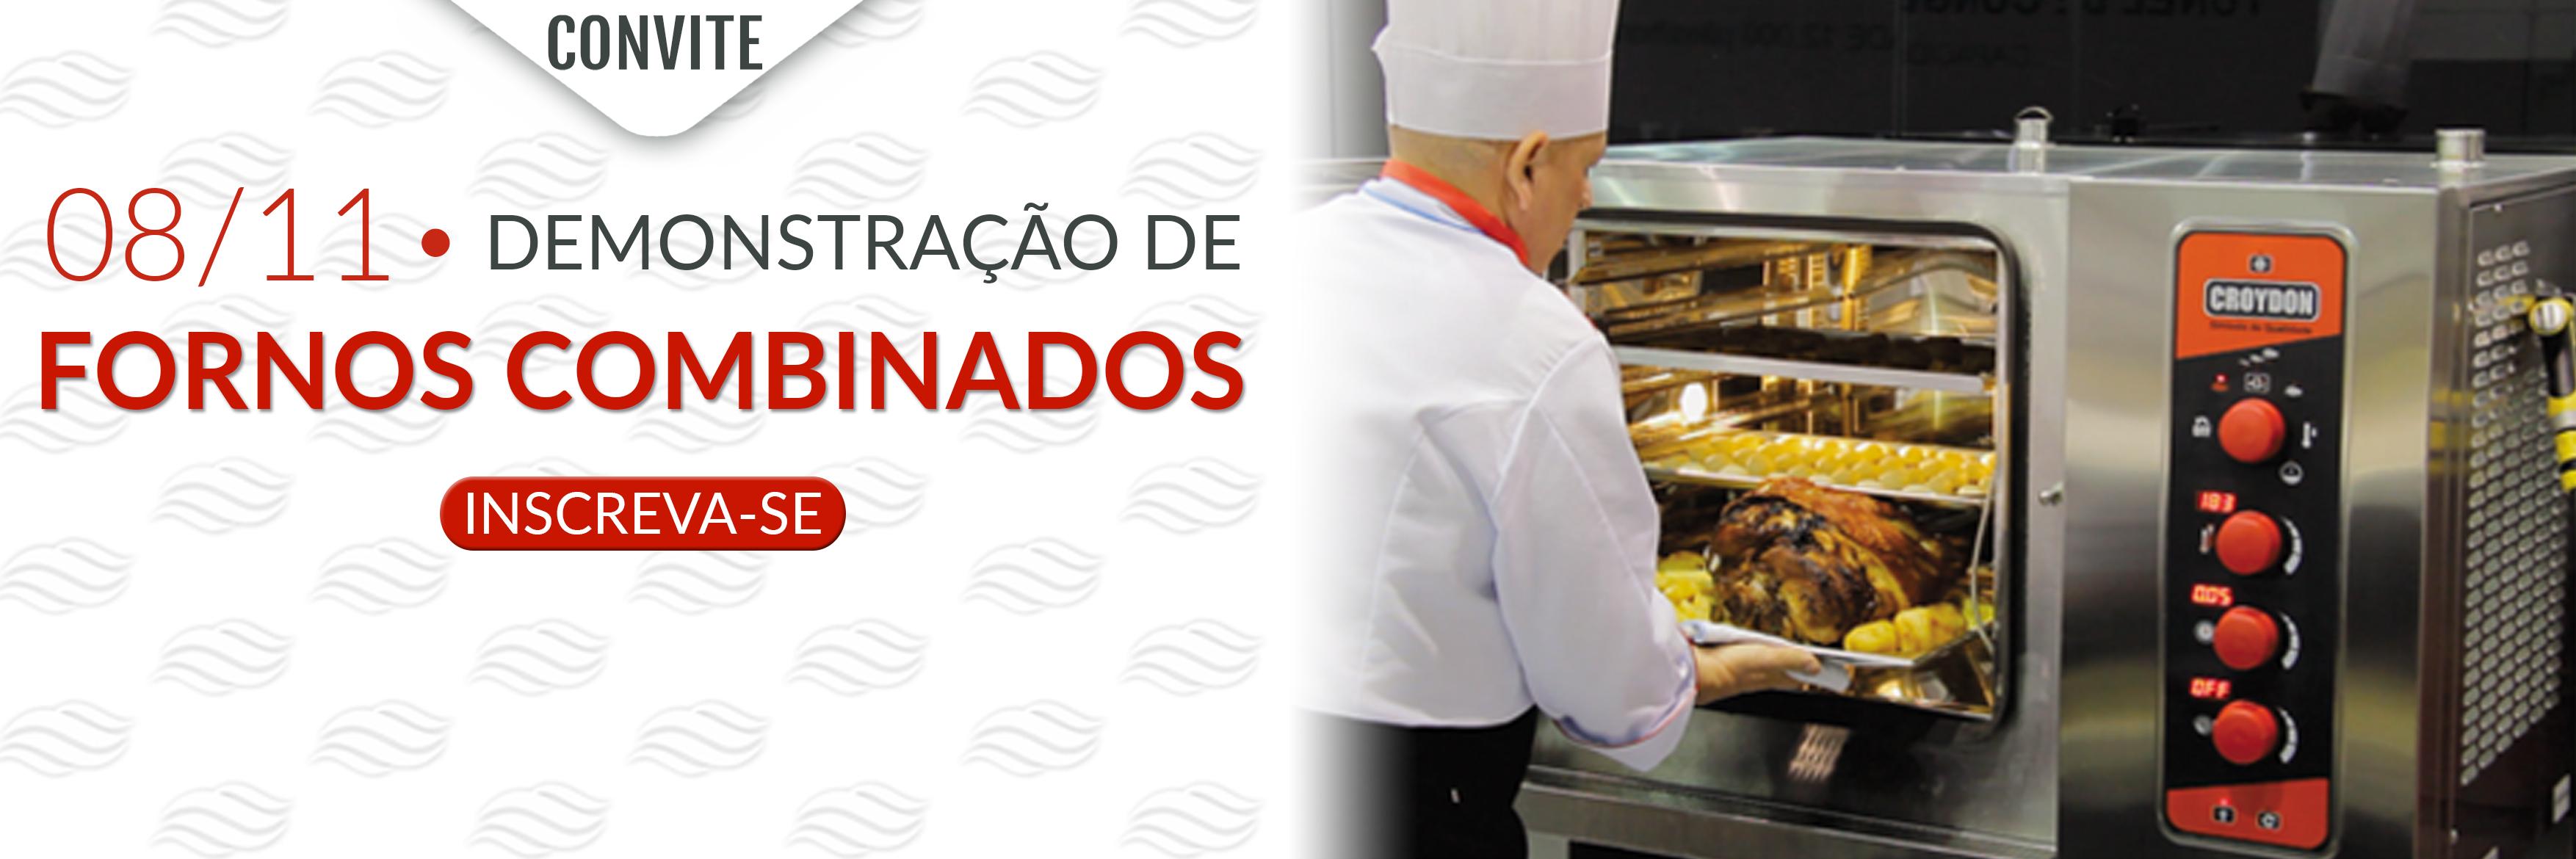 <p>LOCAL: AV. MARACAN&Atilde;, 1249 - TIJUCA - RJ.</p> <p>HOR&Aacute;RIO: 15H</p>